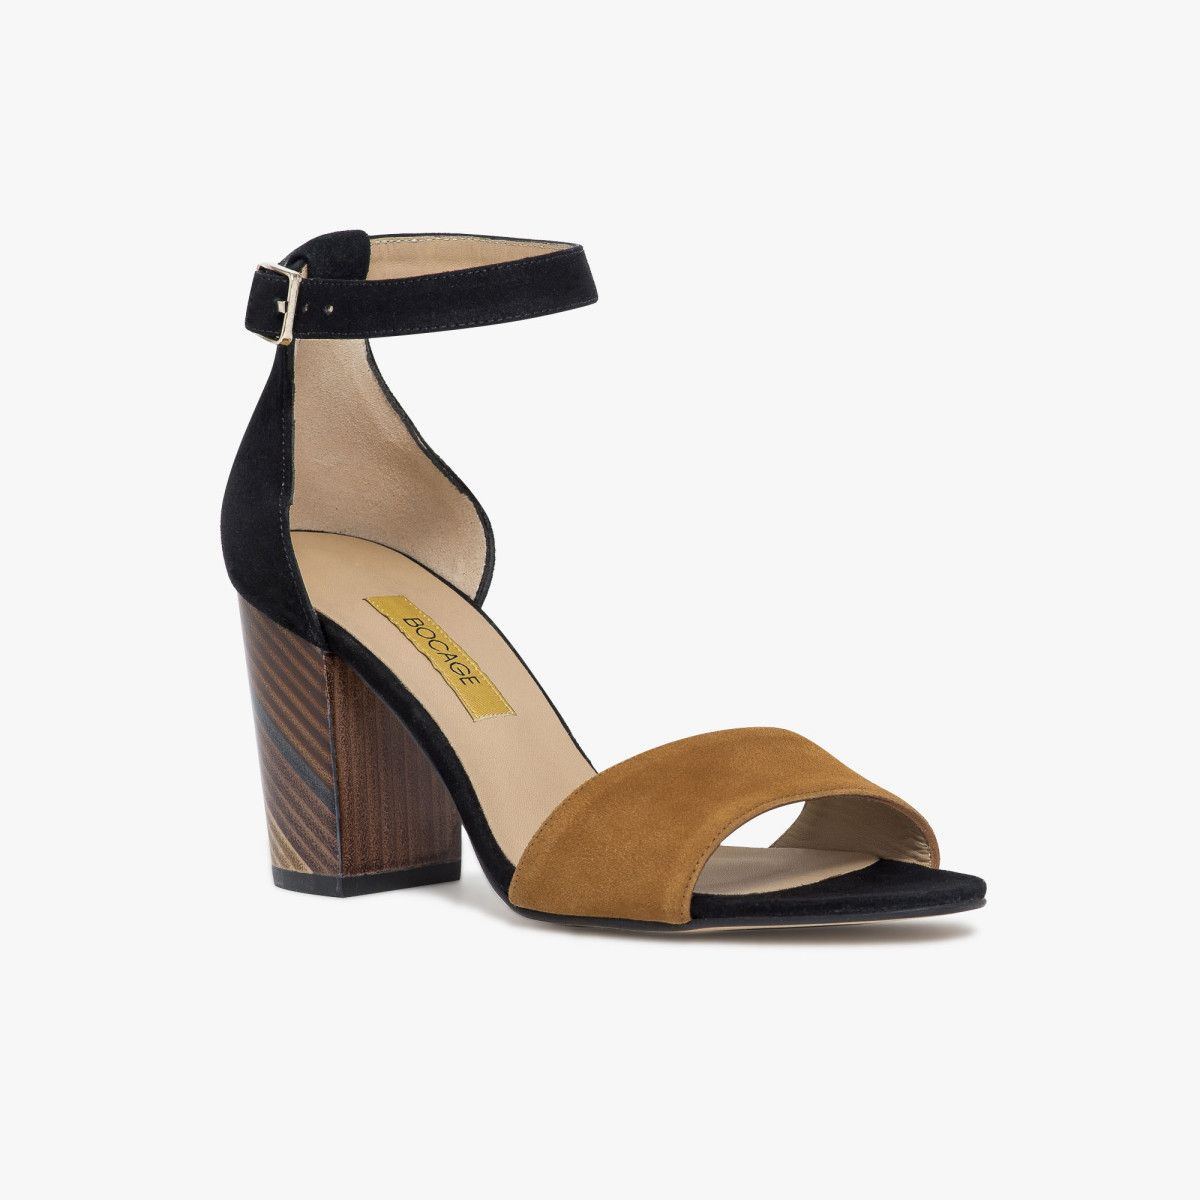 7a5bebbee20d0c Bocage BOCAGE en Chaussures Femme shoes Pinterest SOLDES qrrRI4 for ...